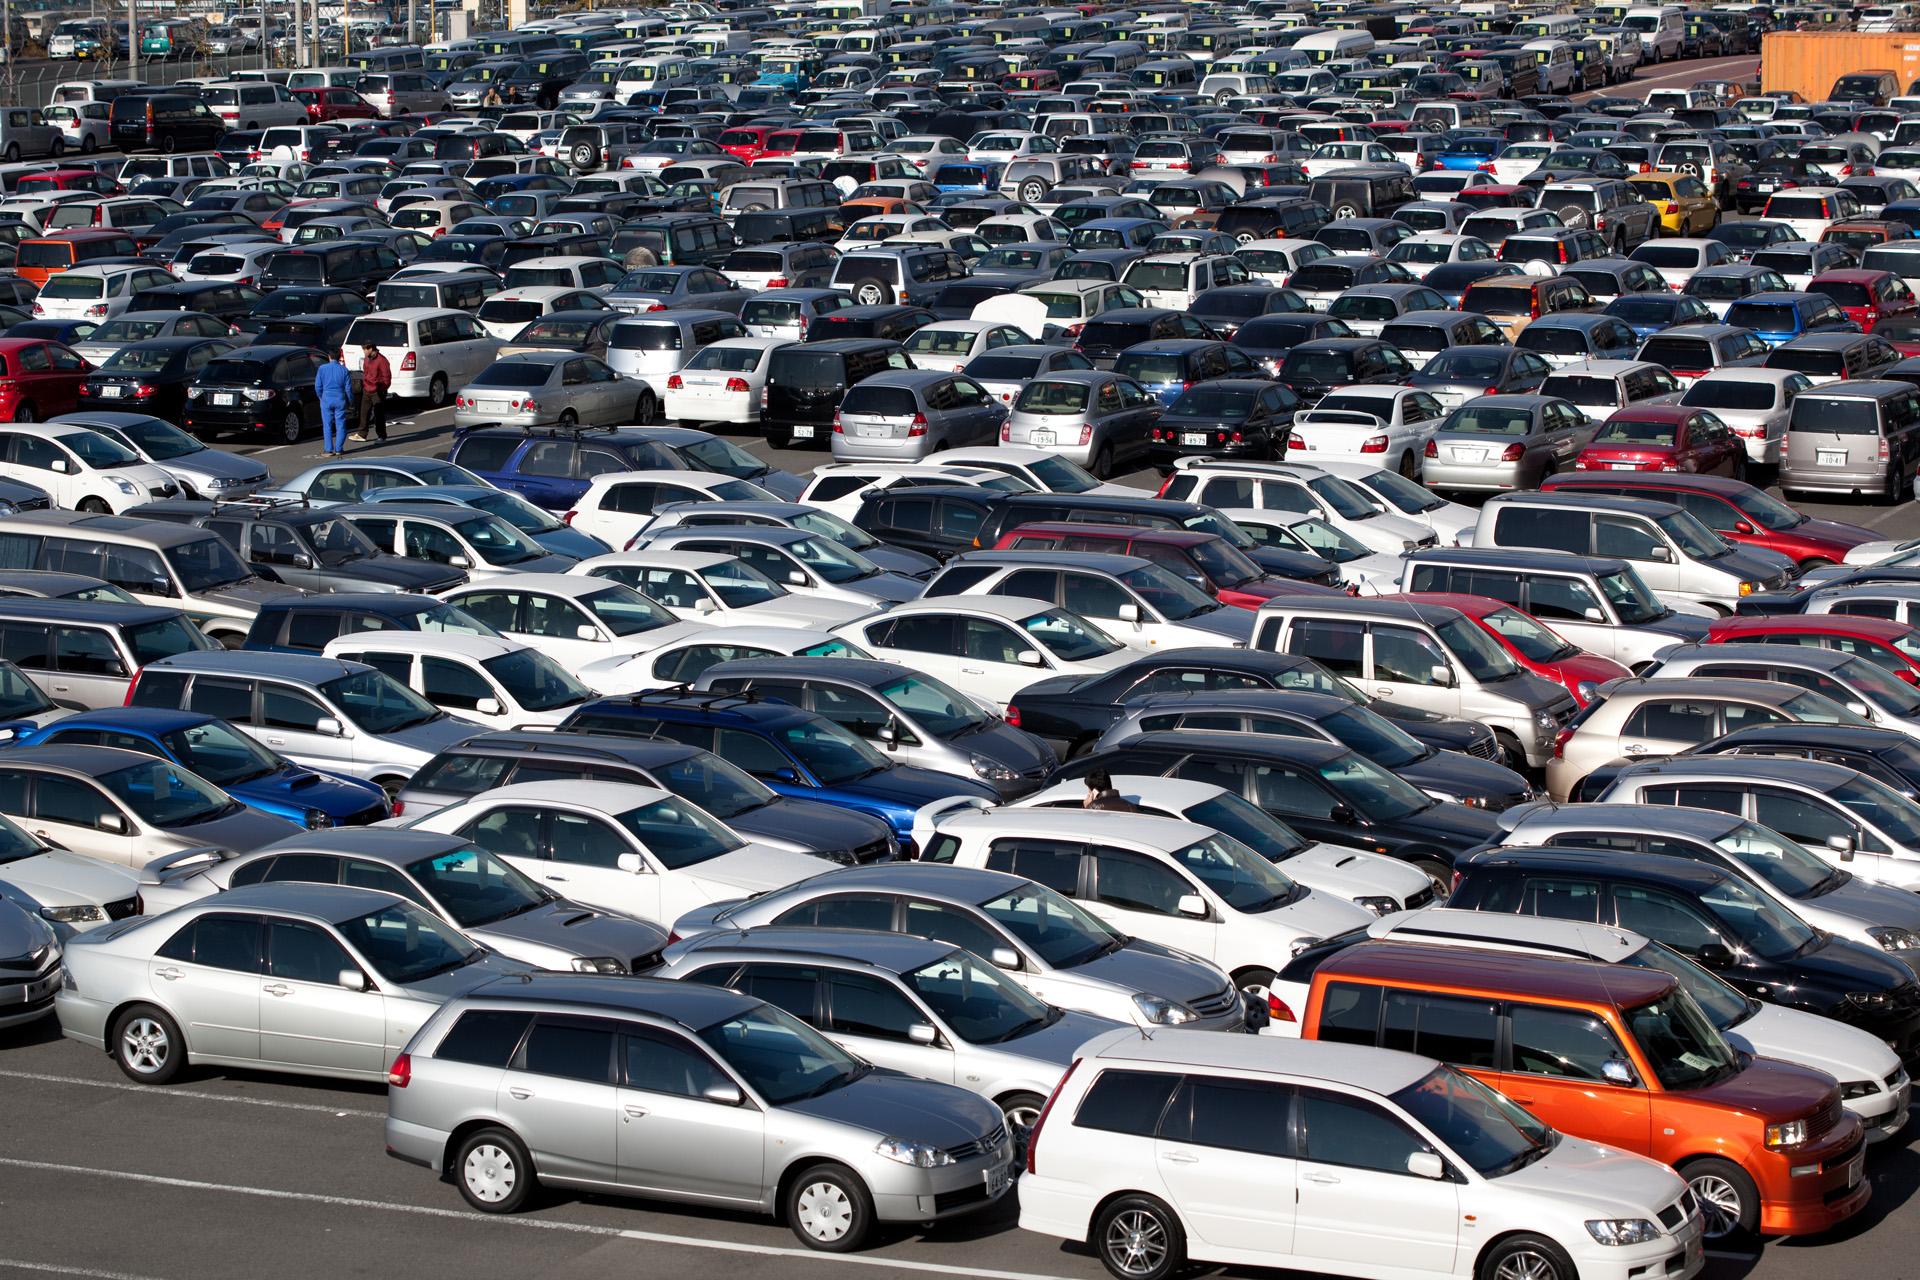 Jak kupić dobry samochód używany, fachowe sprawdzanie samochodu przed kupnem Wrocław, Częstochowa, Opole, Łódź, Katowice